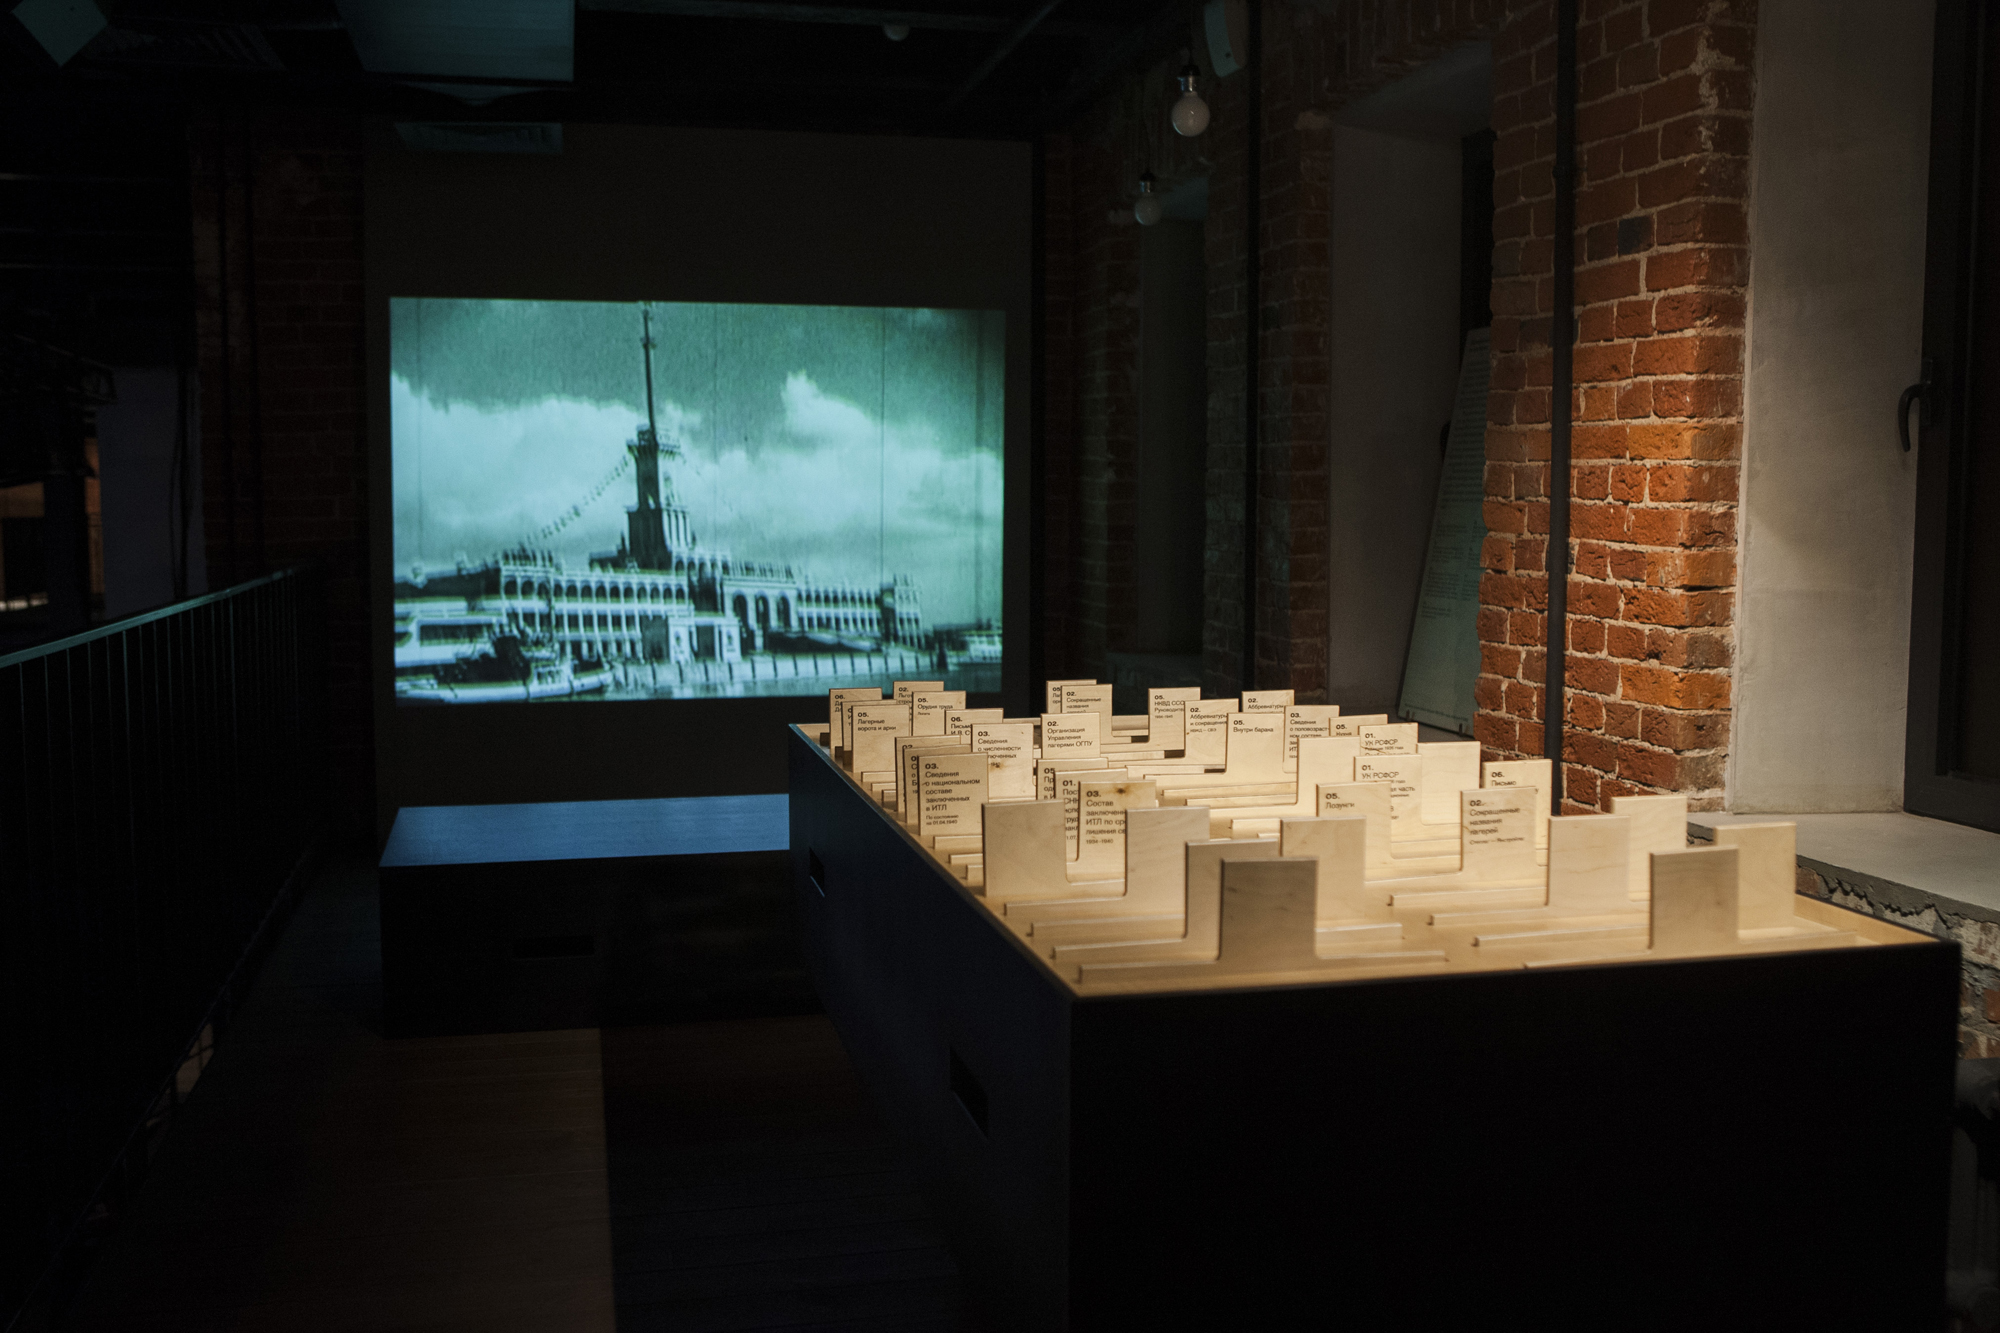 Музей истории ГУЛАГа и Фонд Памяти совместно с Музеем Норильска объявляют просветительскую программу в Норильске